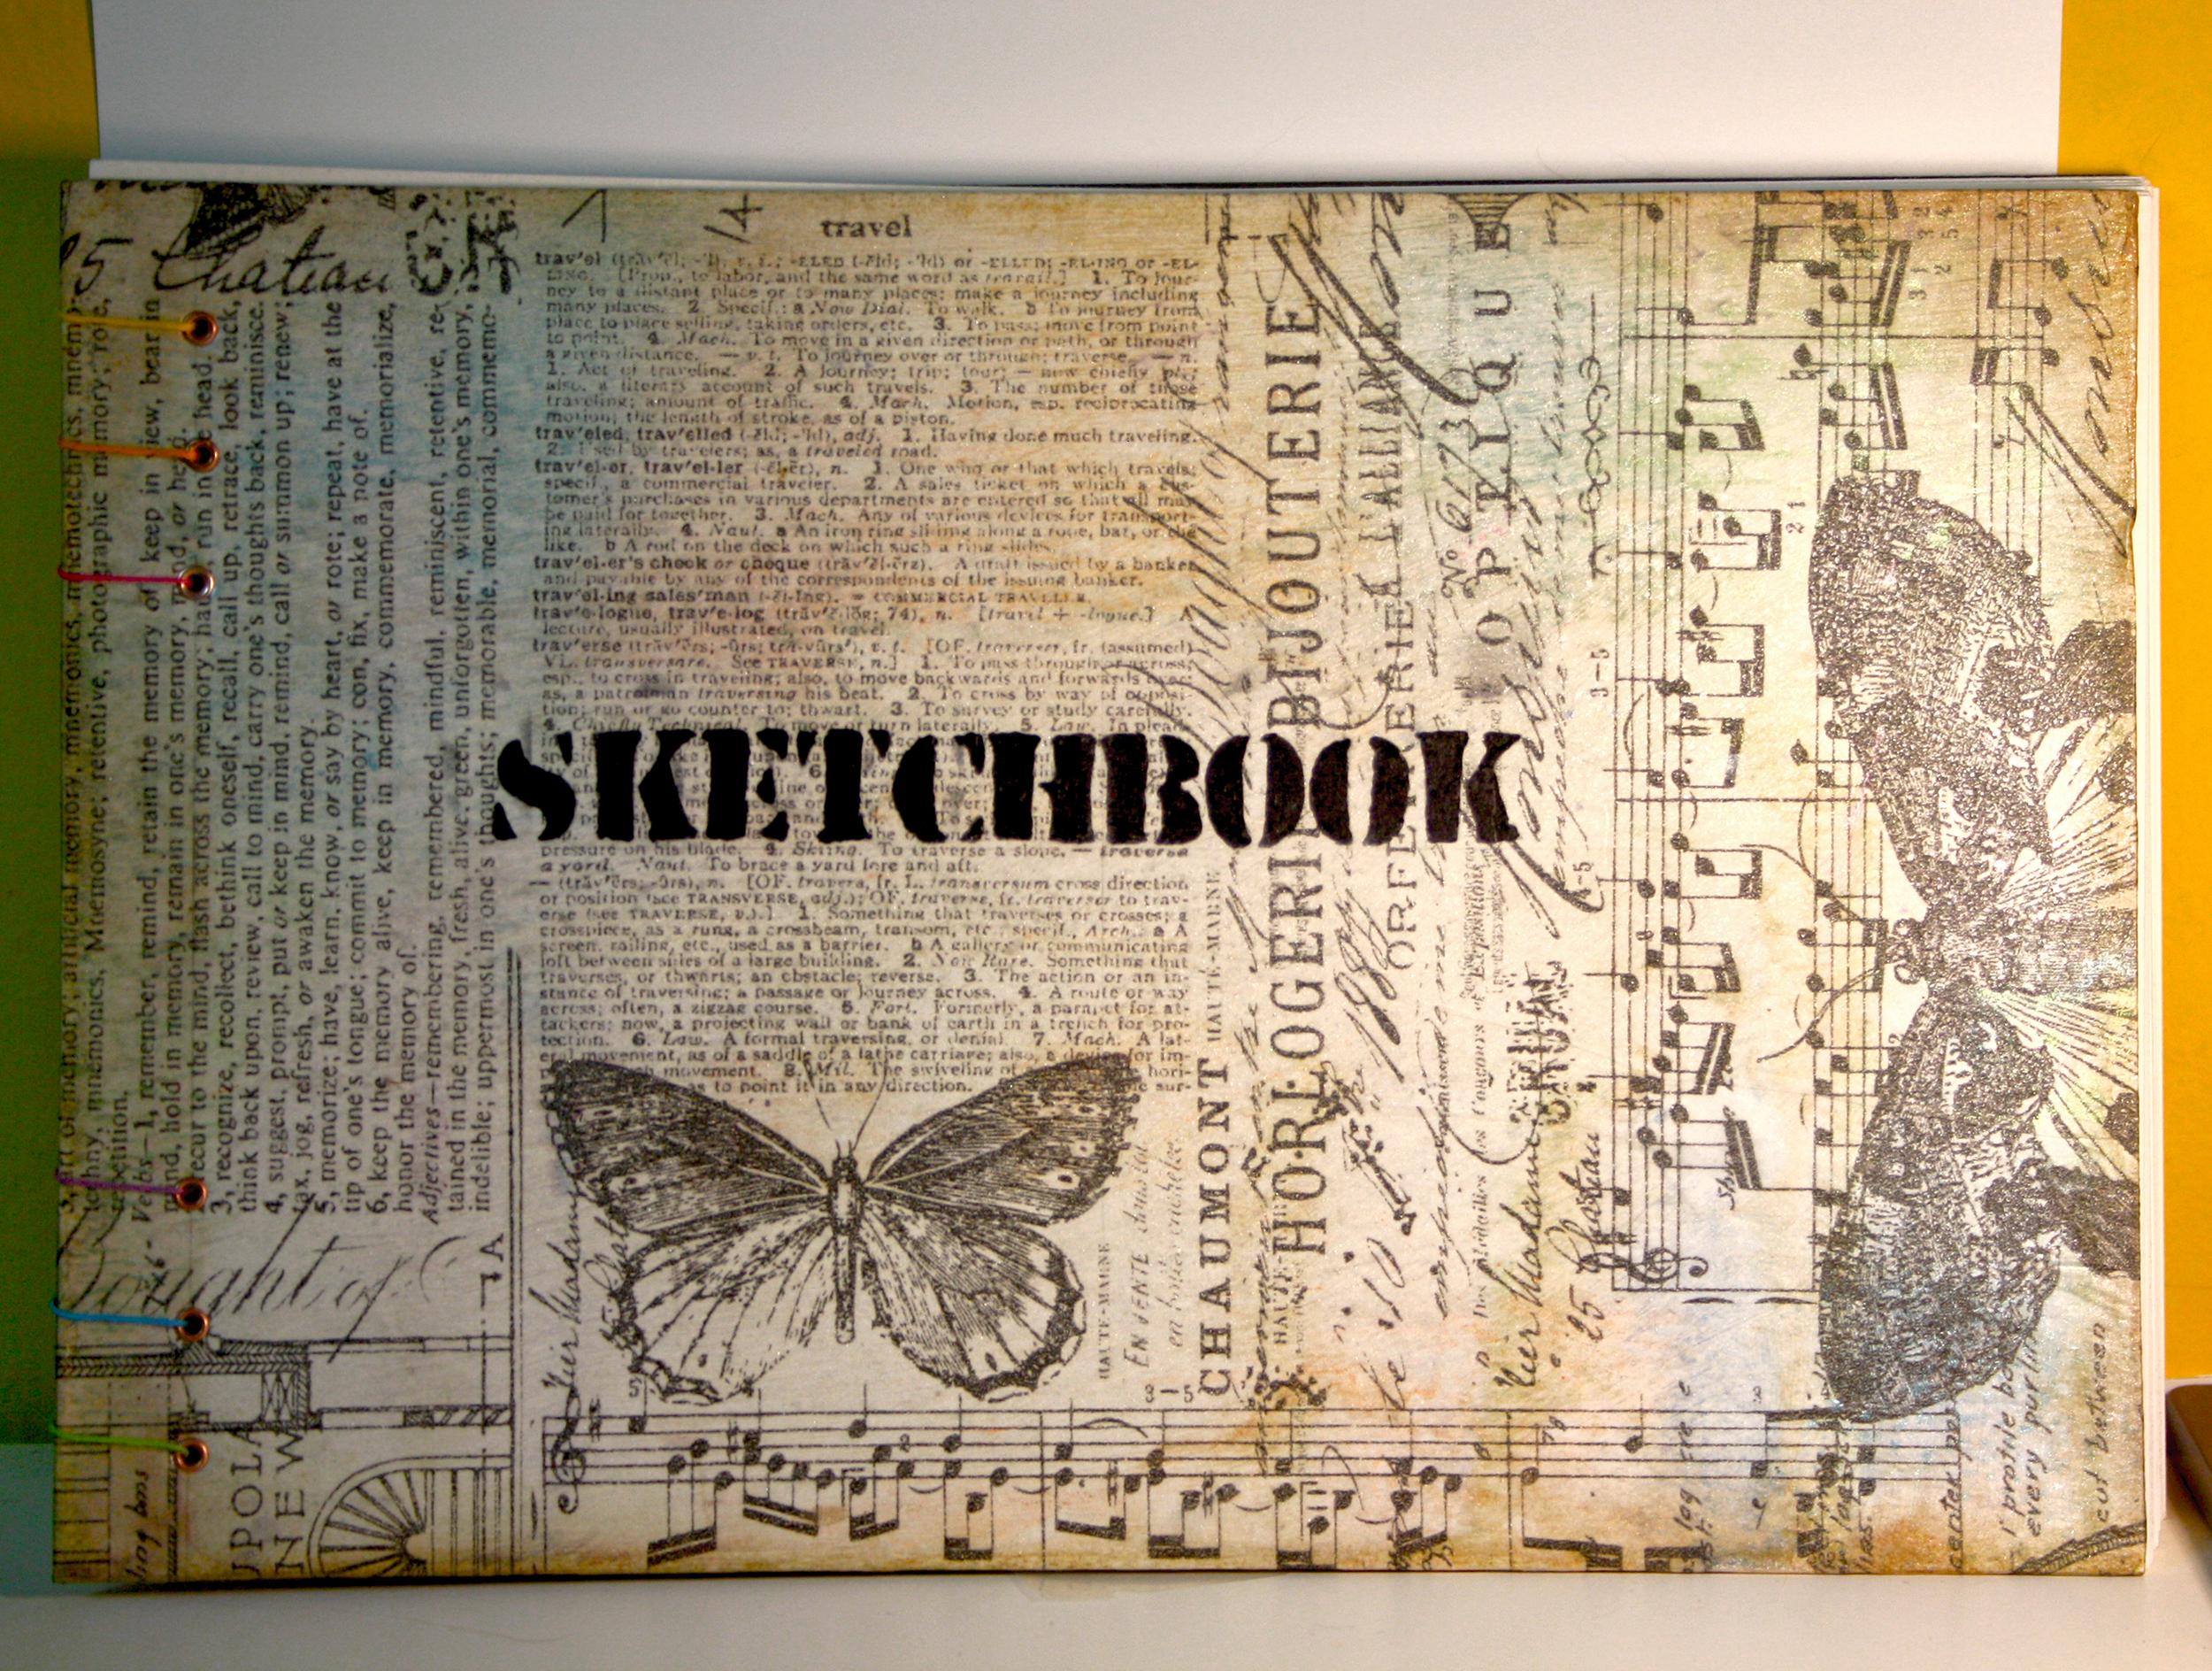 Bookbinding - Sketchbook - Cover.jpg